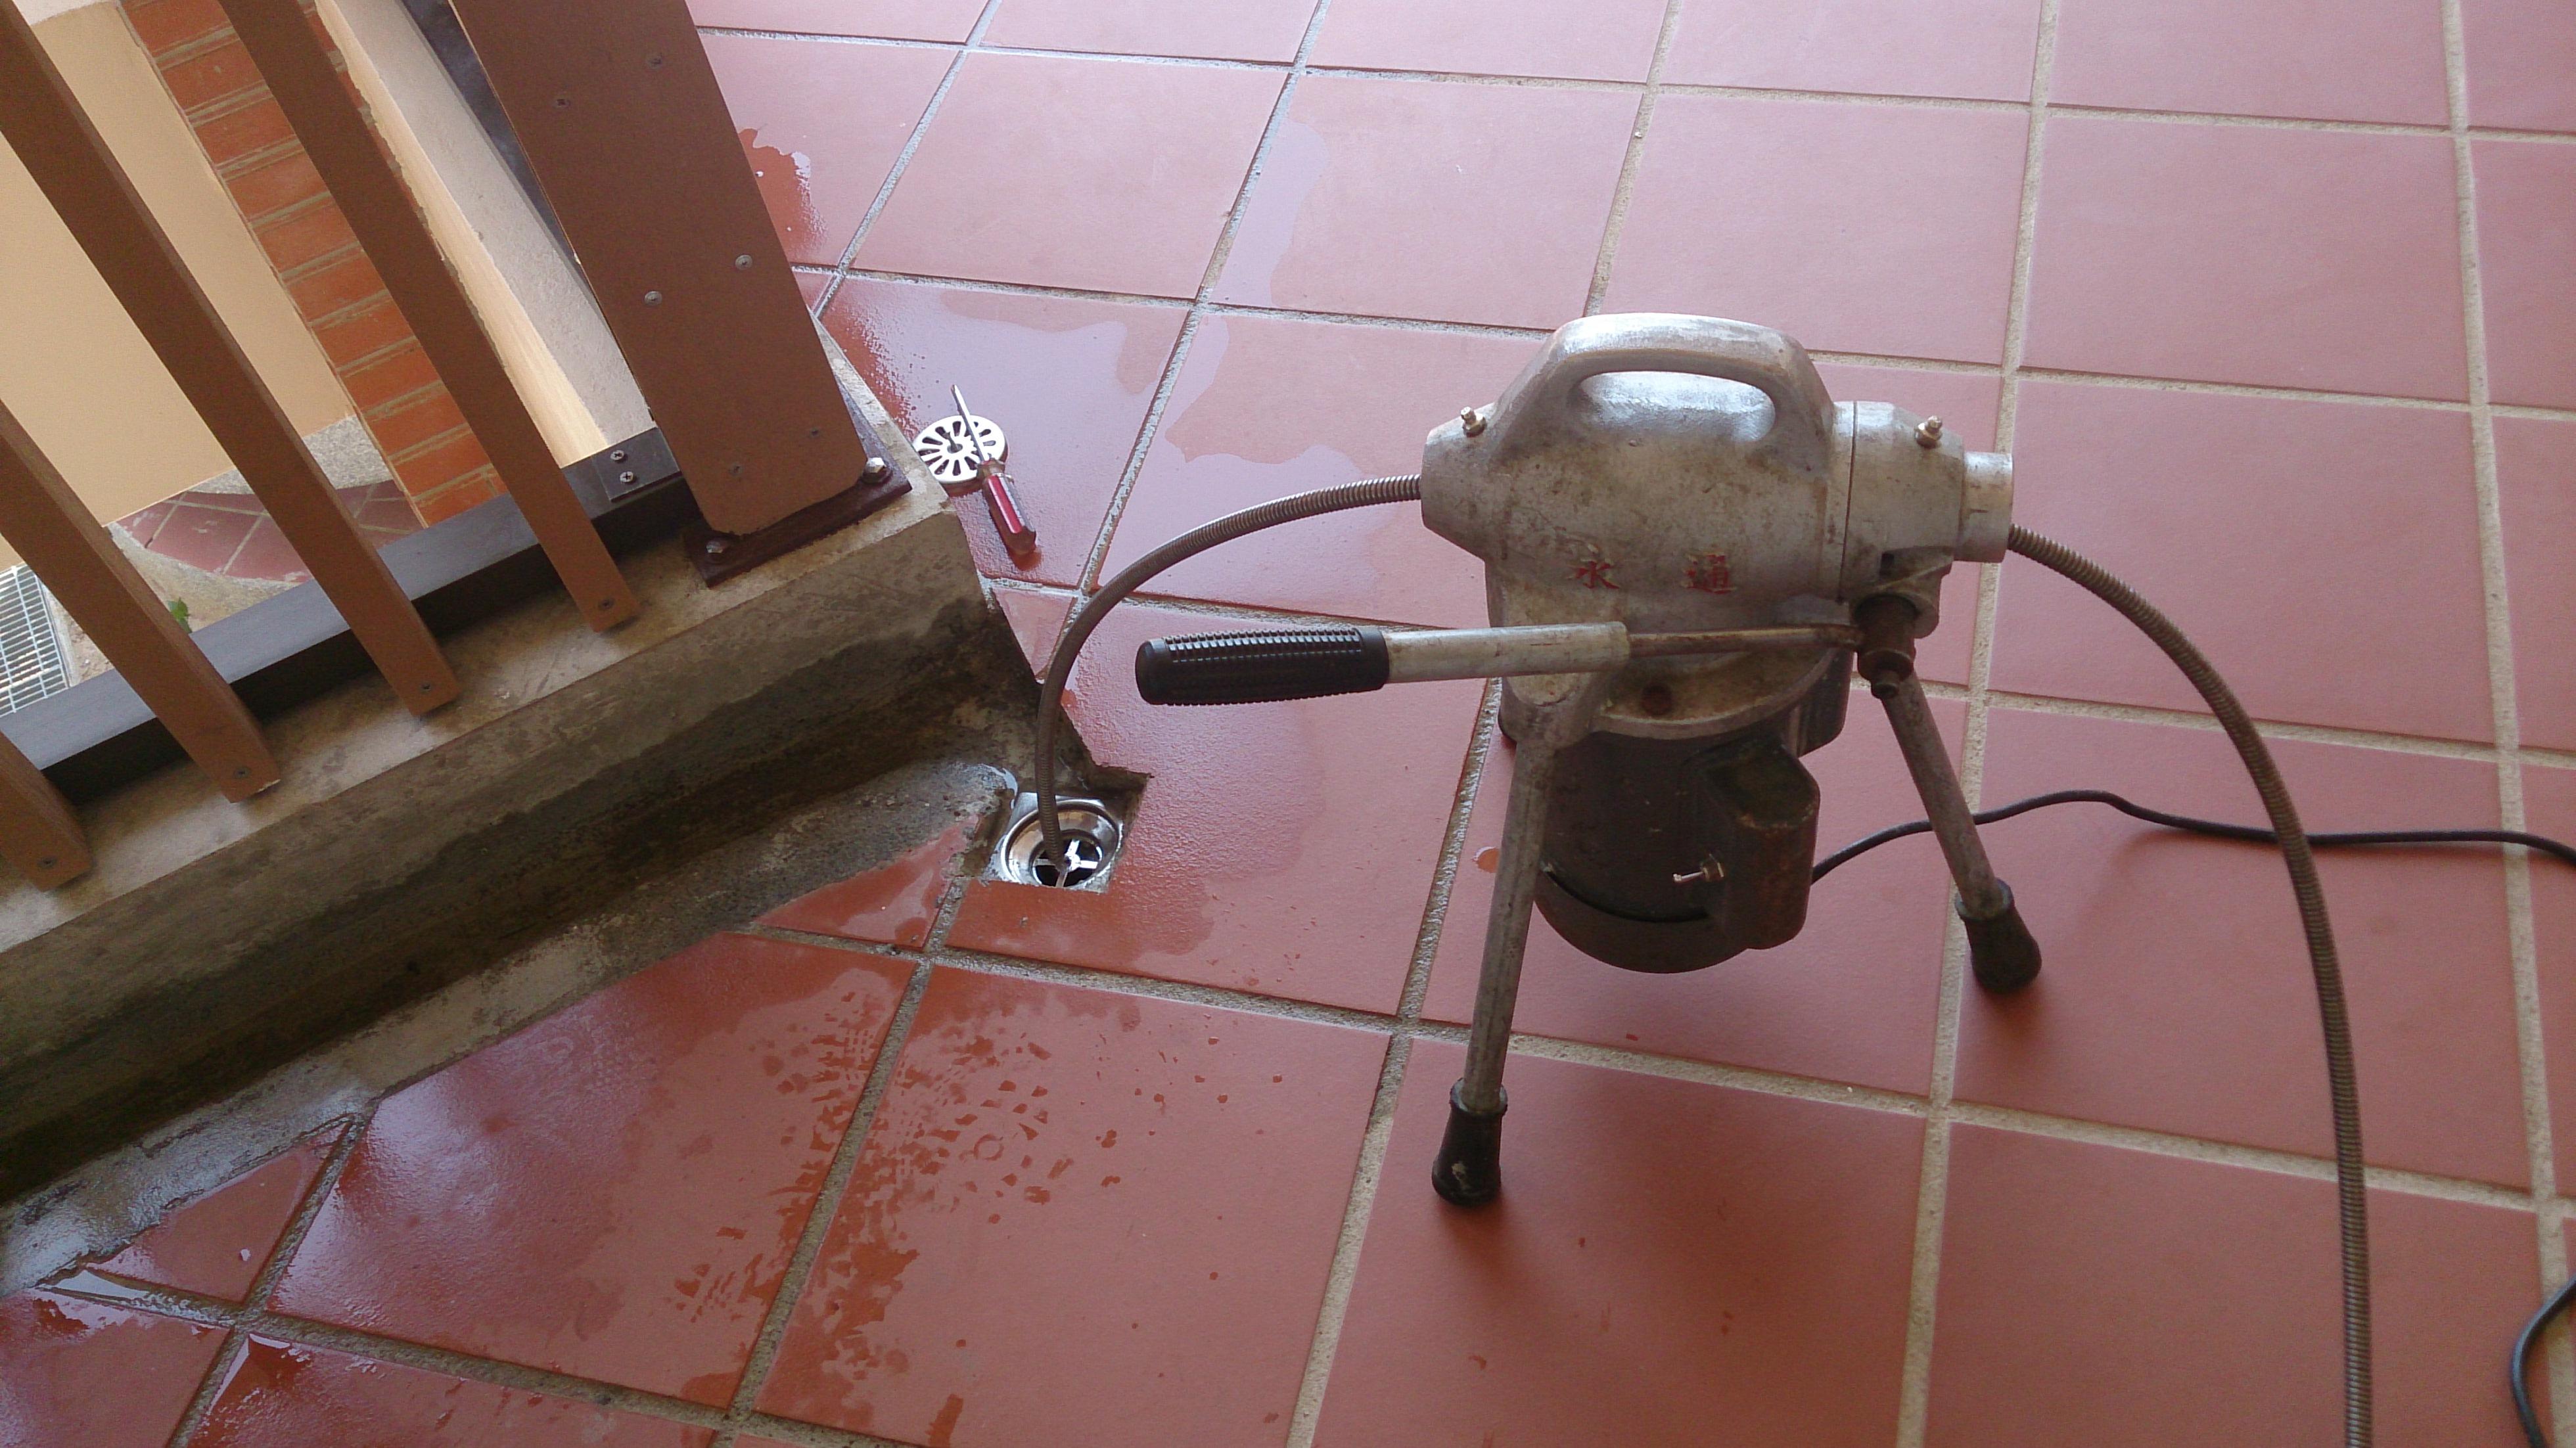 苗栗通水管通排水管厨房水管不通通马桶抽水肥化粪池